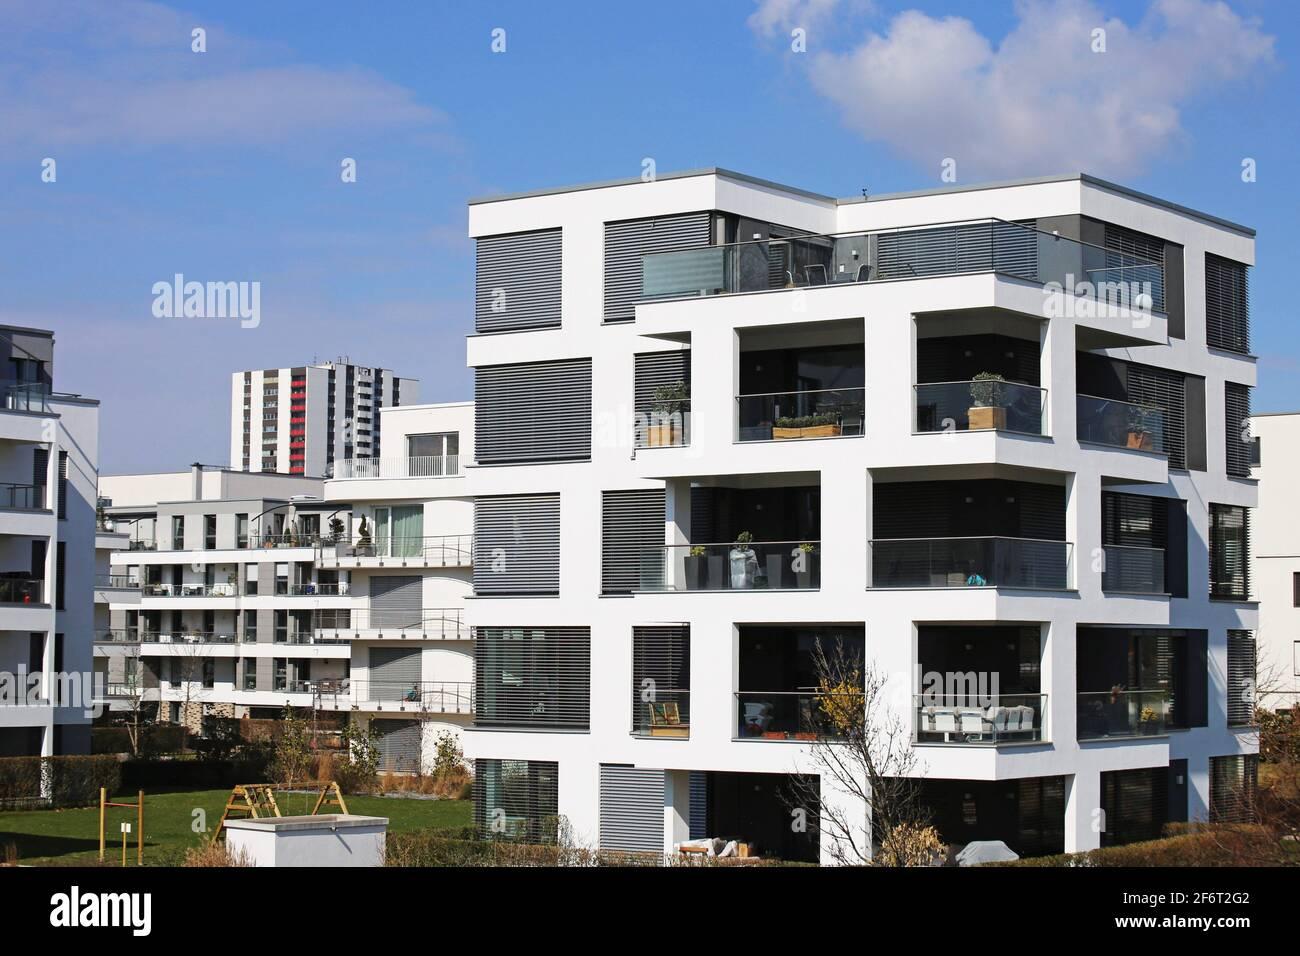 Moderno complesso residenziale in stile urbano. Foto Stock